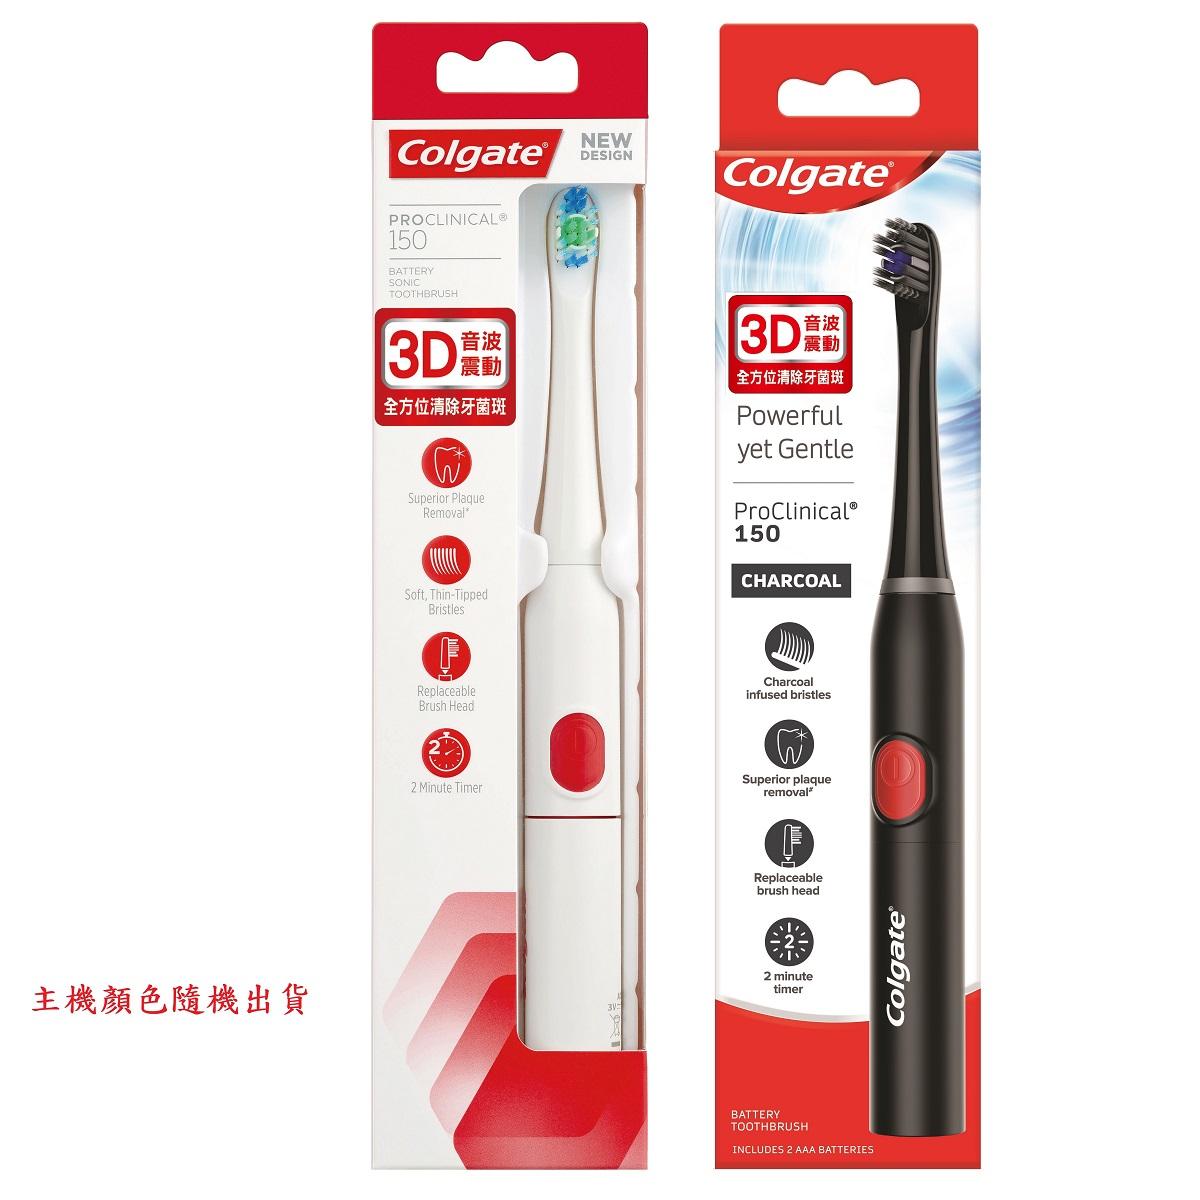 高露潔3D音波極淨電動牙刷